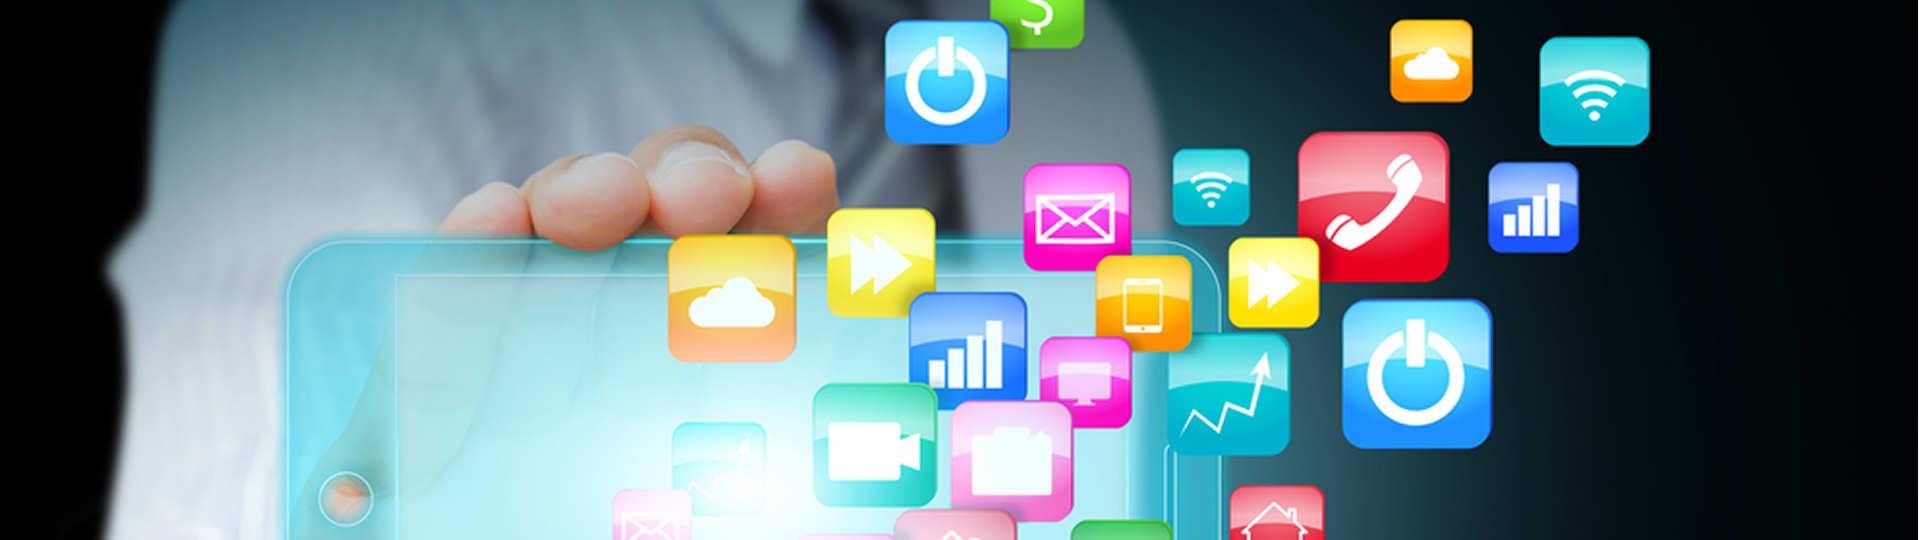 Perche realizzare un App Mobile per la tua azienda